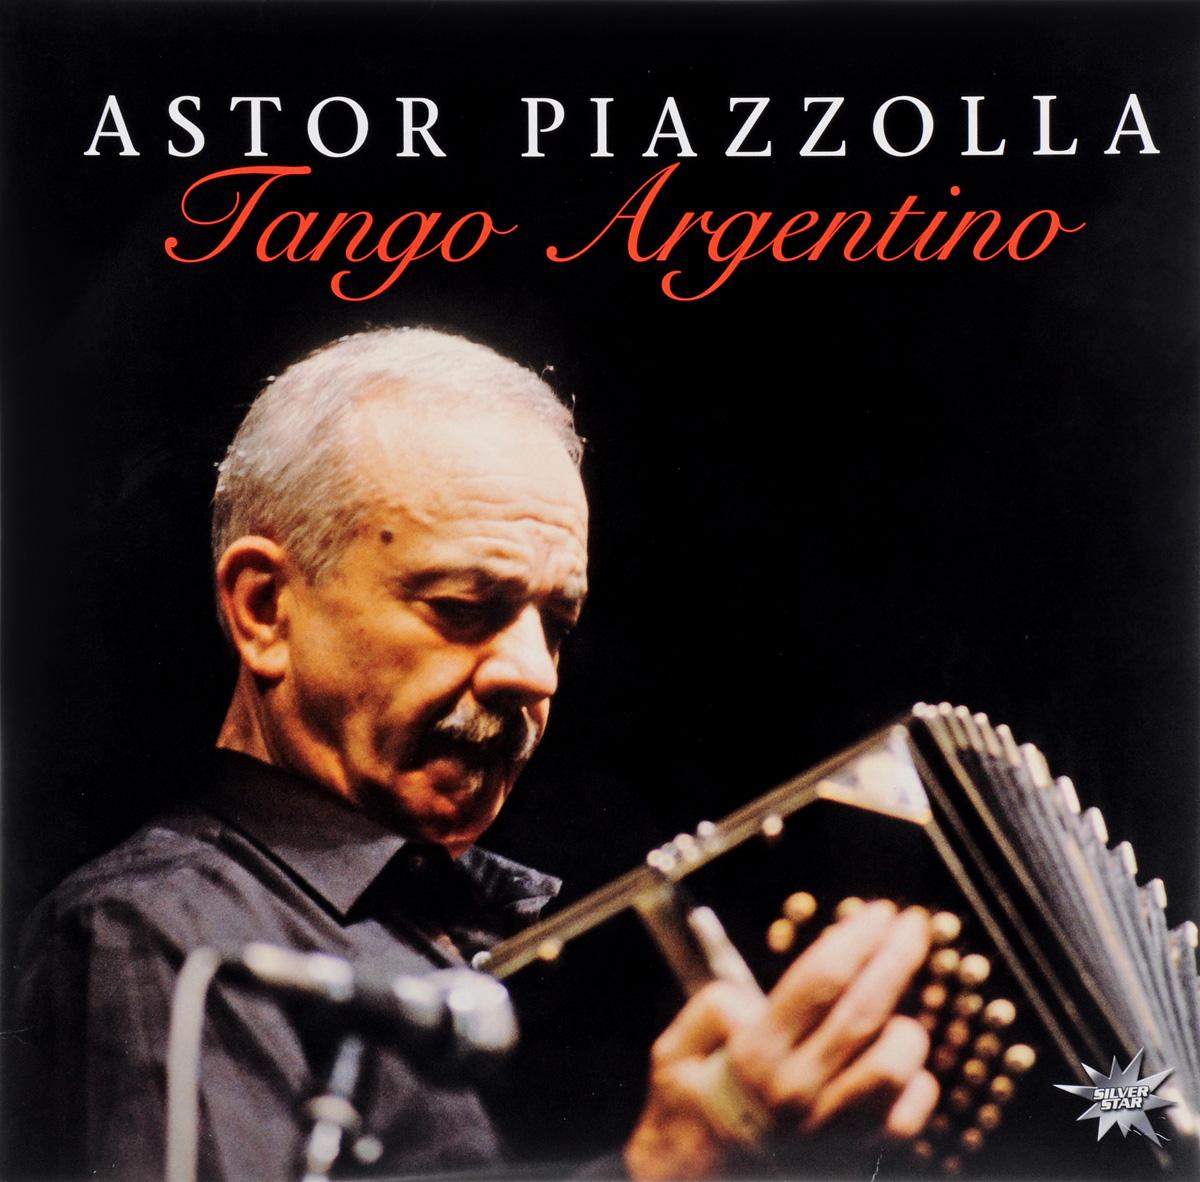 Астор Пьяццолла Astor Piazzola. Tango Argentino (LP) астор пьяццолла карлос гардел анибал троило нелли омар альберто гомез tango hits 2 cd